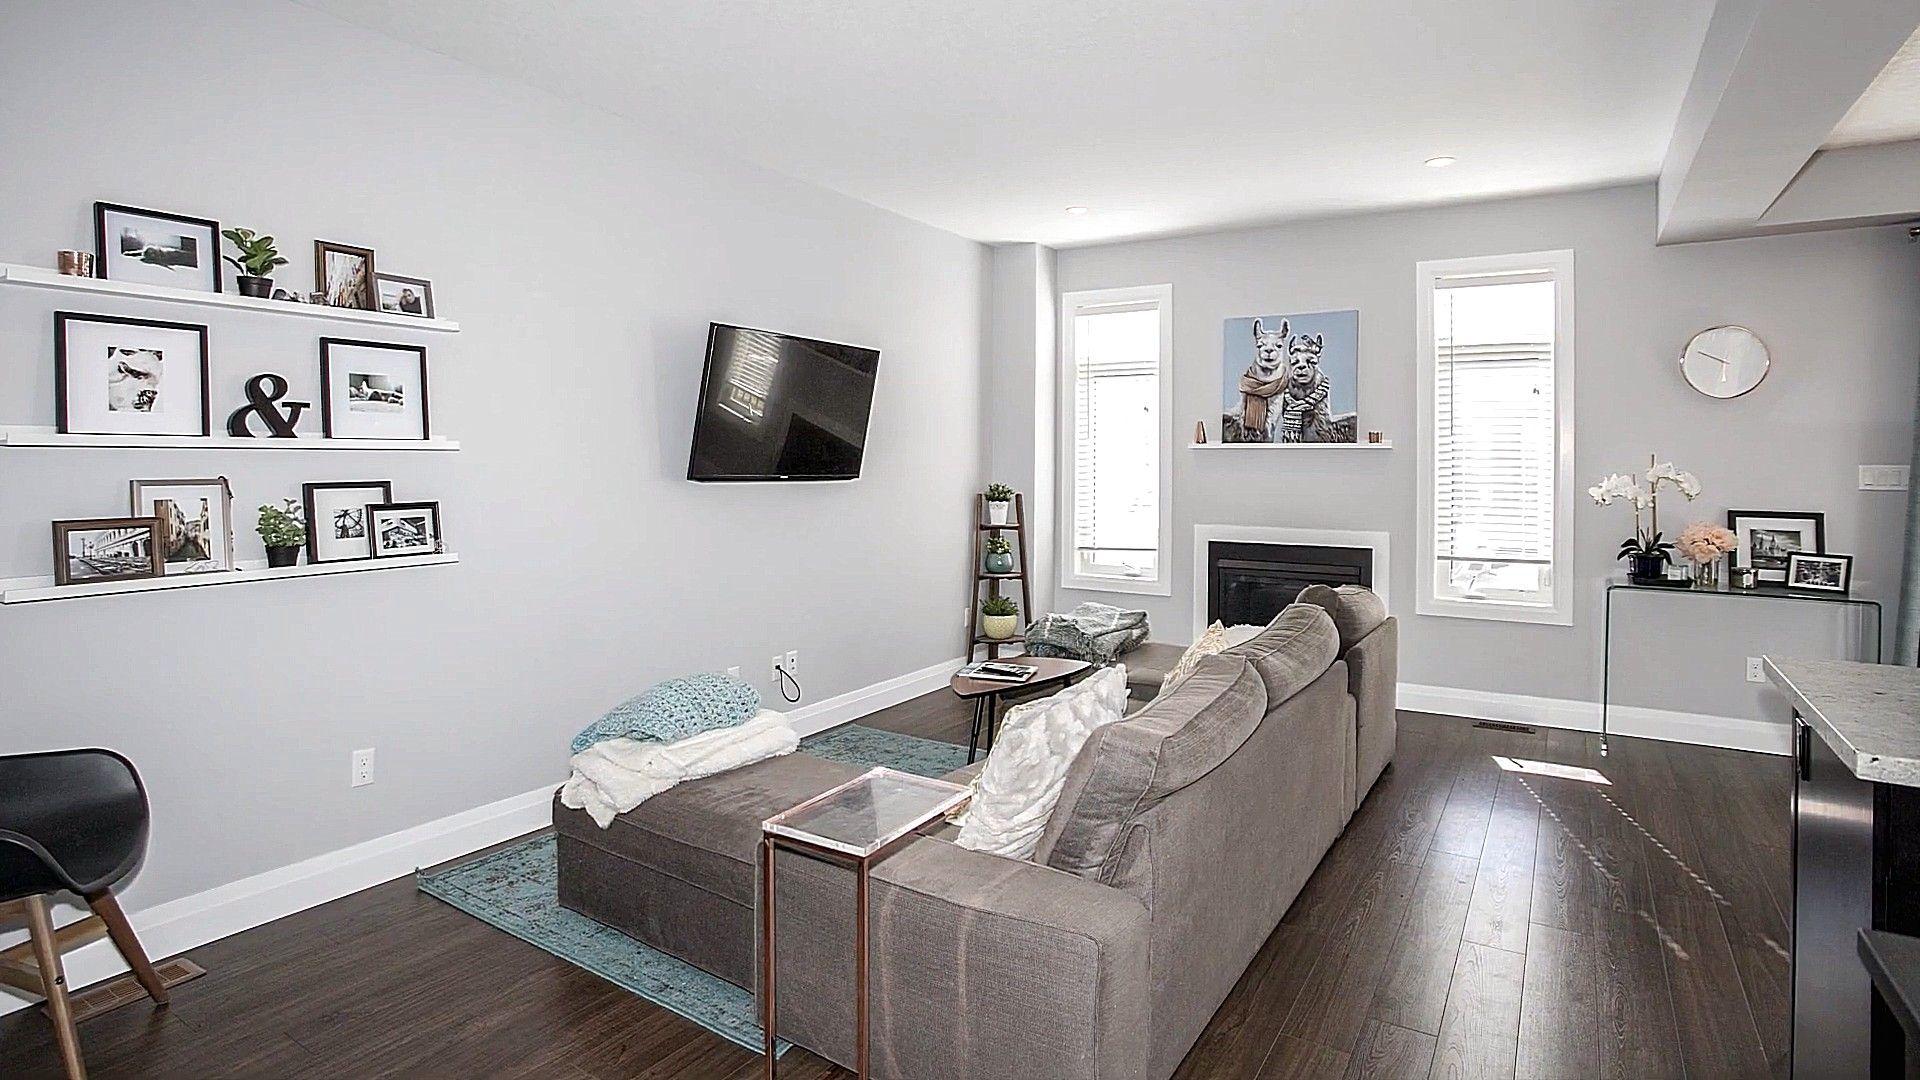 Zimmer Farbe Ideen Wohnzimmer Hellgrau